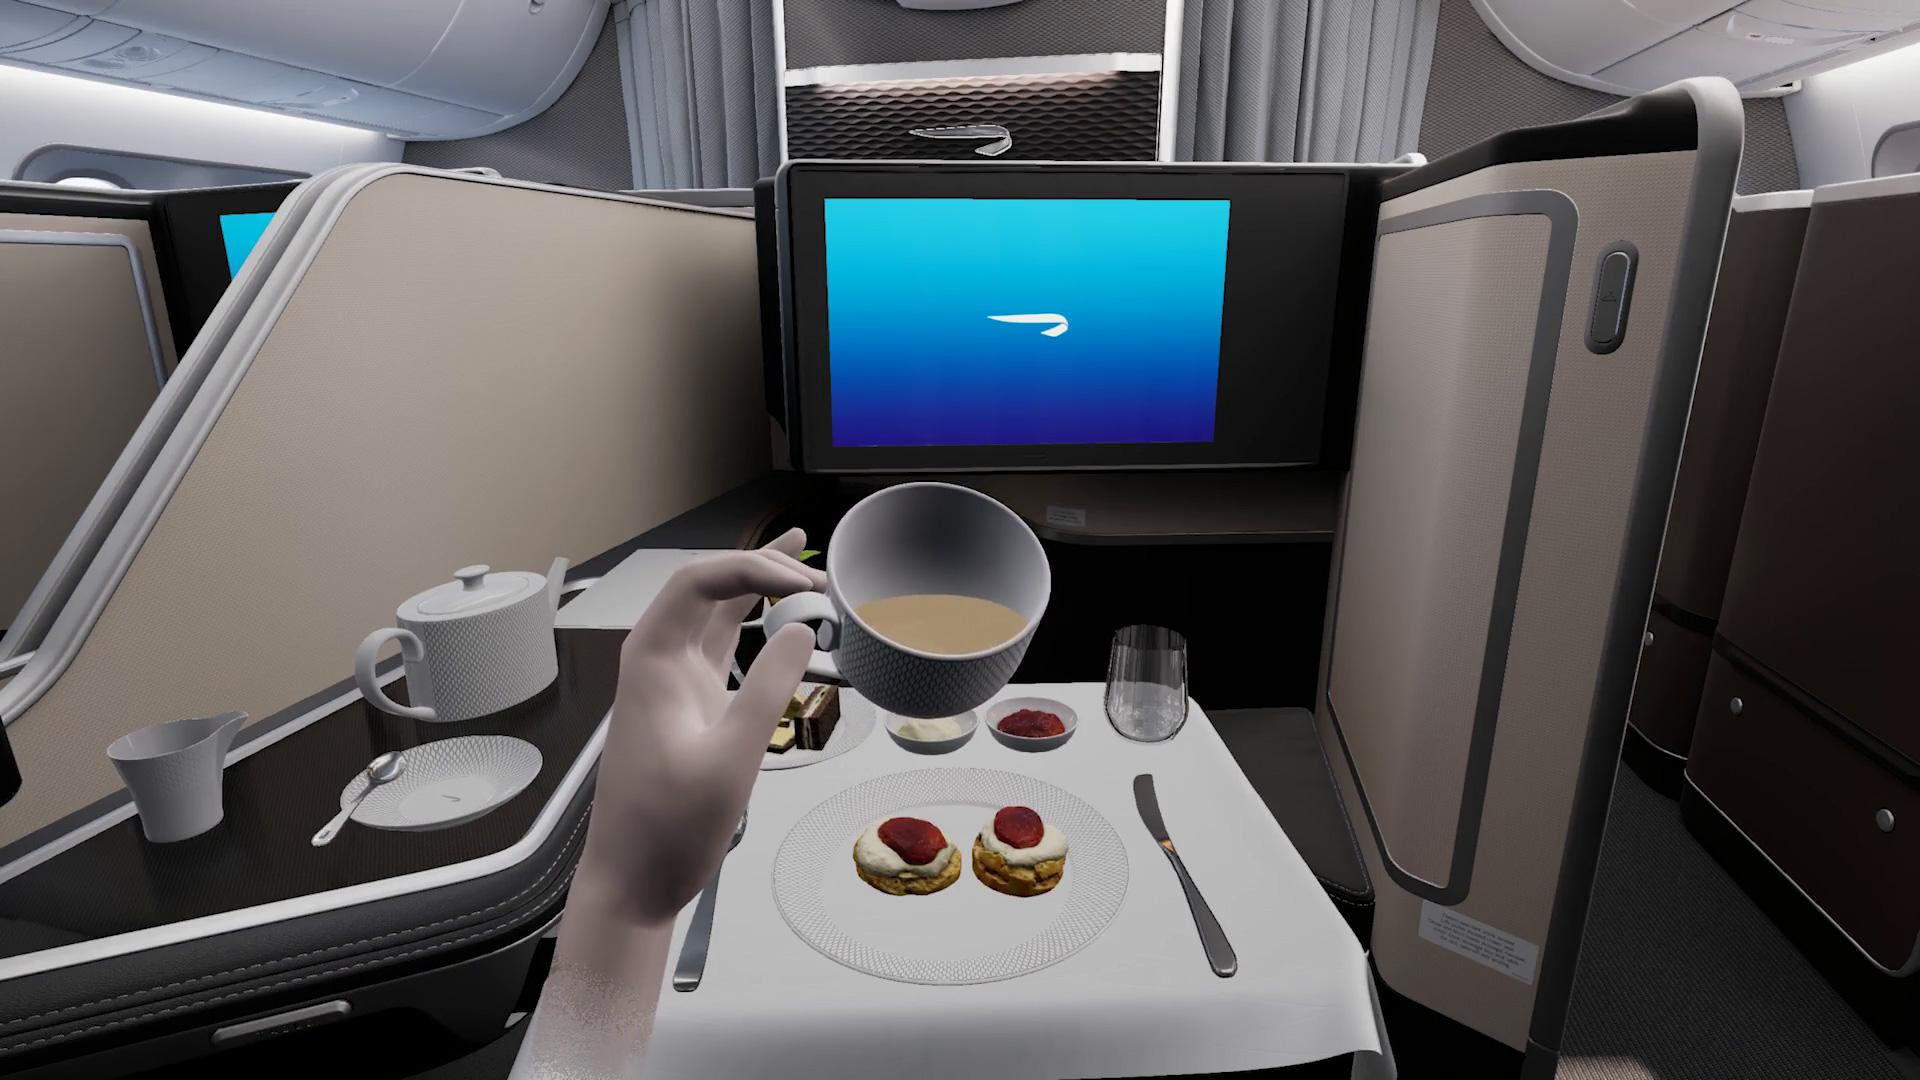 British Airways First Class VR